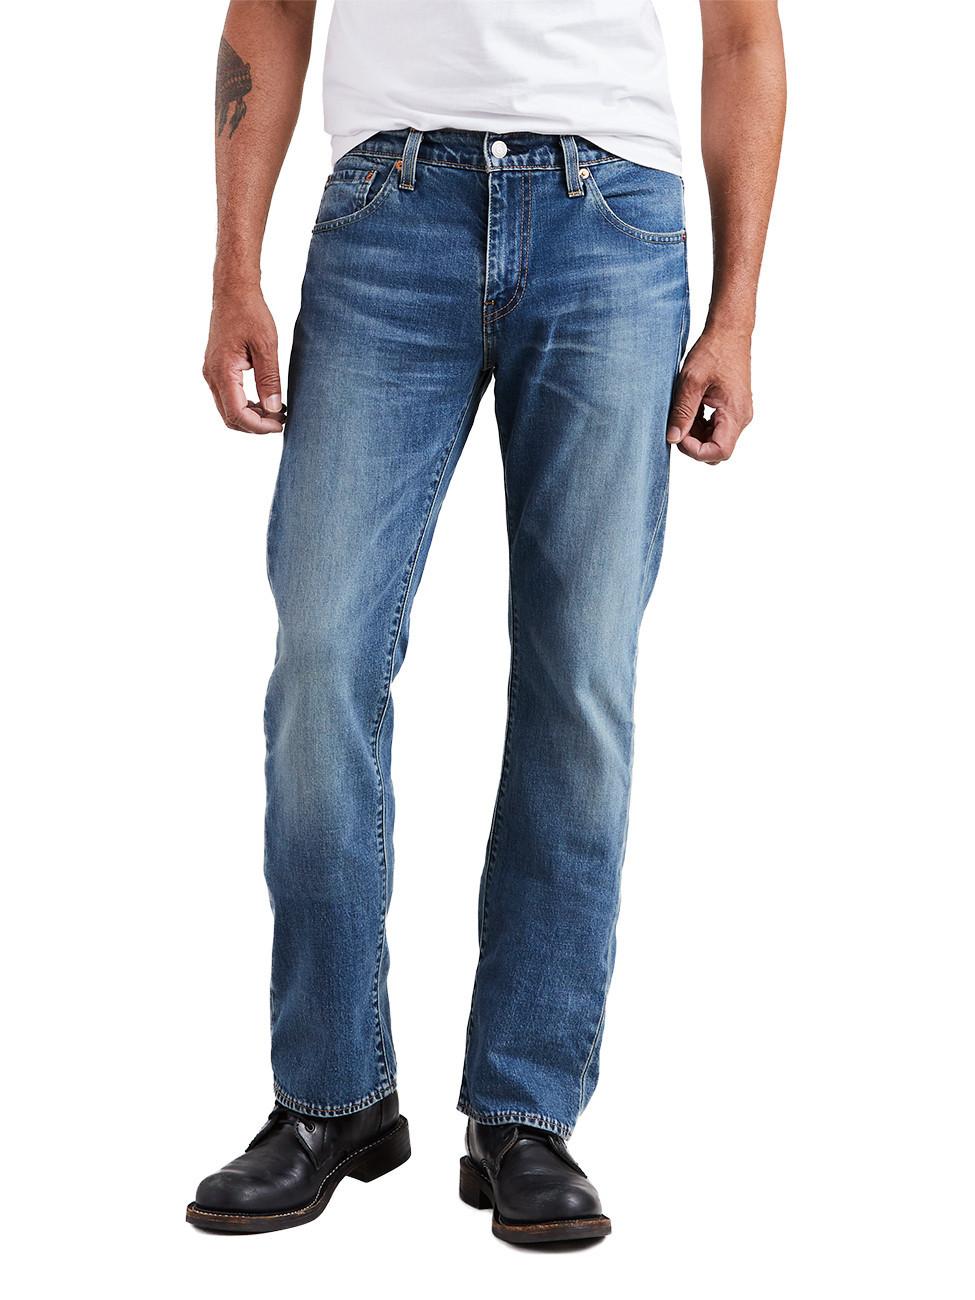 Mehr Shoppen mehr sparen mit 5€ bis 30€ extra Rabatt, einzulösen auf Alles - z.B. Levis® Herren Jeans 527® - Slim Bootcut - Blau - Pulley T2